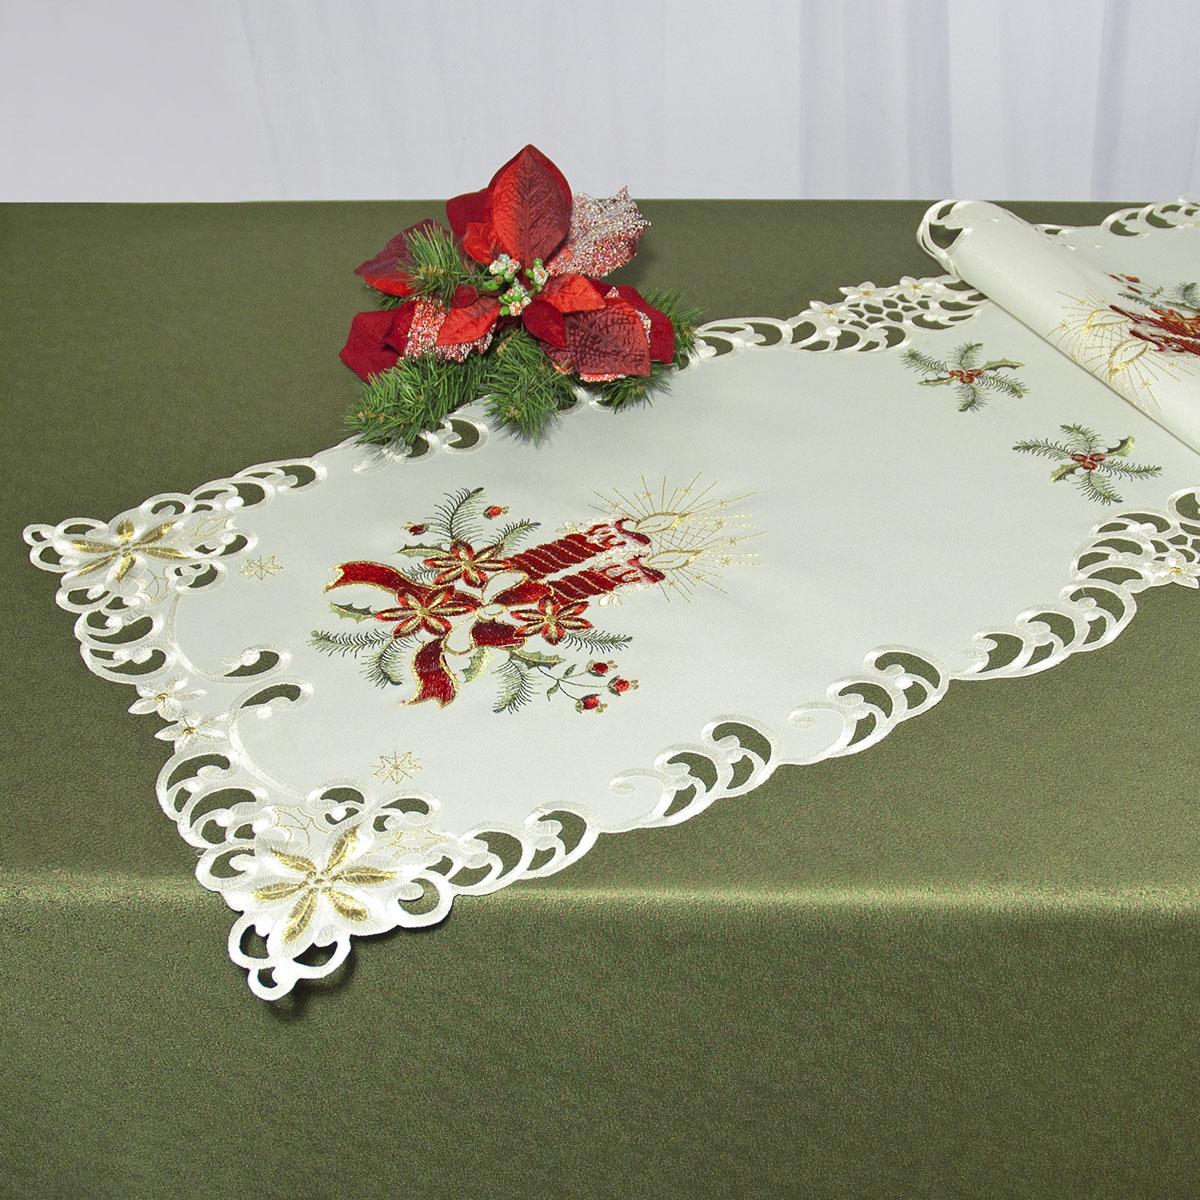 Дорожка для декорирования стола Schaefer, прямоугольная, цвет: белый, красный, 40 x 110 см 07483-23307483-233Дорожка Schaefer выполнена из высококачественного полиэстера и украшена вышитыми рисунками в виде новогодних свечей. Края дорожки оформлены в технике ришелье. Вы можете использовать дорожку для декорирования стола, комода или журнального столика. Благодаря такой дорожке вы защитите поверхность мебели от воды, пятен и механических воздействий, а также создадите атмосферу уюта и домашнего тепла в интерьере вашей квартиры. Изделия из искусственных волокон легко стирать: они не мнутся, не садятся и быстро сохнут, они более долговечны, чем изделия из натуральных волокон. Изысканный текстиль от немецкой компании Schaefer - это красота, стиль и уют в вашем доме. Дорожка органично впишется в интерьер любого помещения, а оригинальный дизайн удовлетворит даже самый изысканный вкус. Дарите себе и близким красоту каждый день!